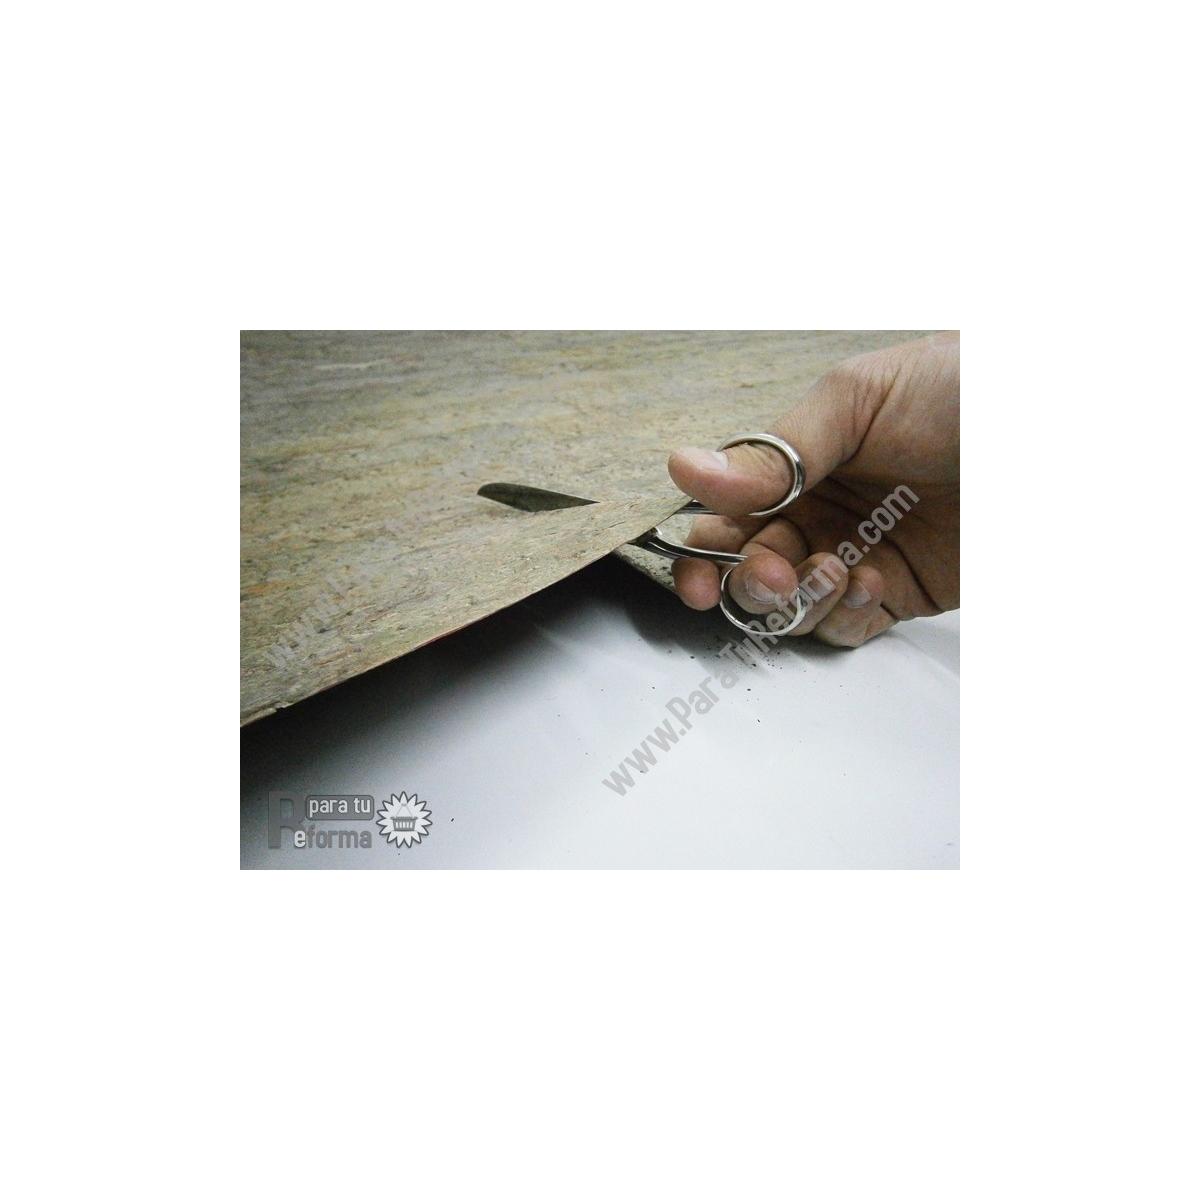 Pizarra natural flexible FS6009 / FT3009 (ud) 0 Revestimiento con Pizarra natural flexible